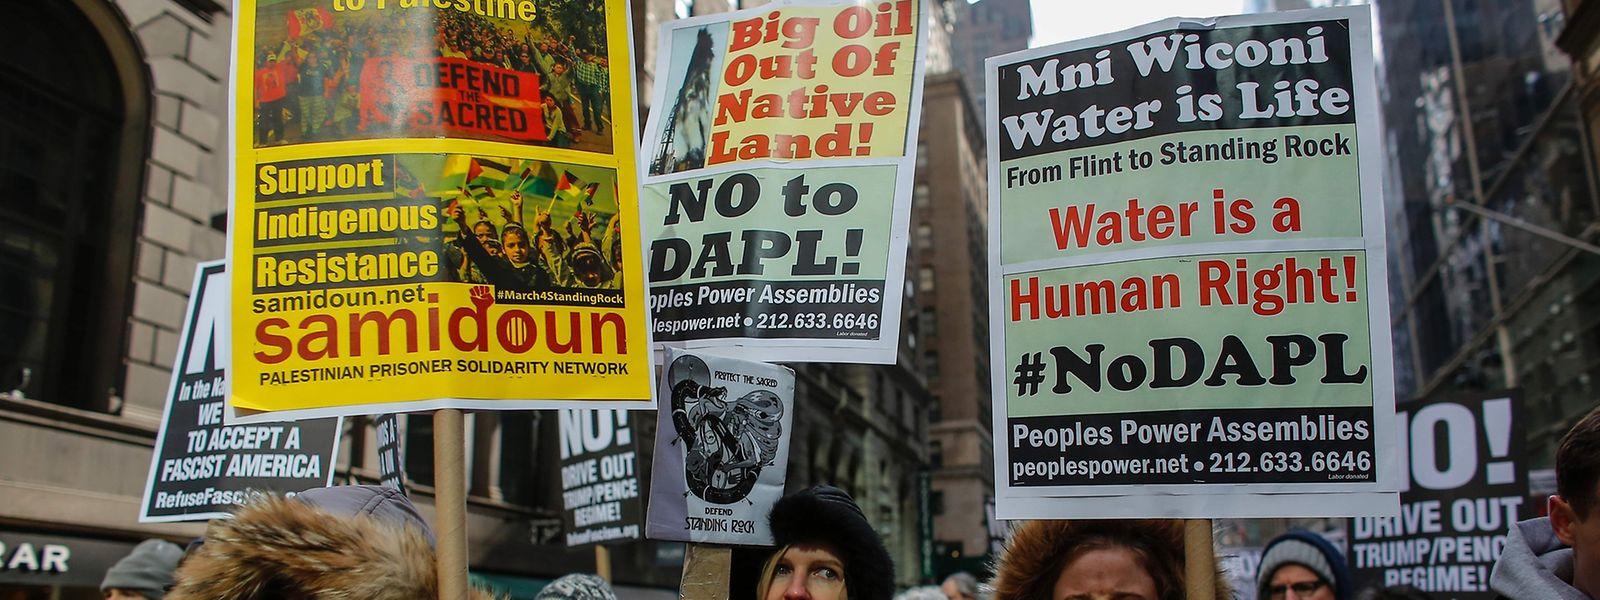 Umweltschützer und ein Stamm der Sioux fürchten Wasserverunreinigungen und eine Beeinträchtigung heiliger Stätten.